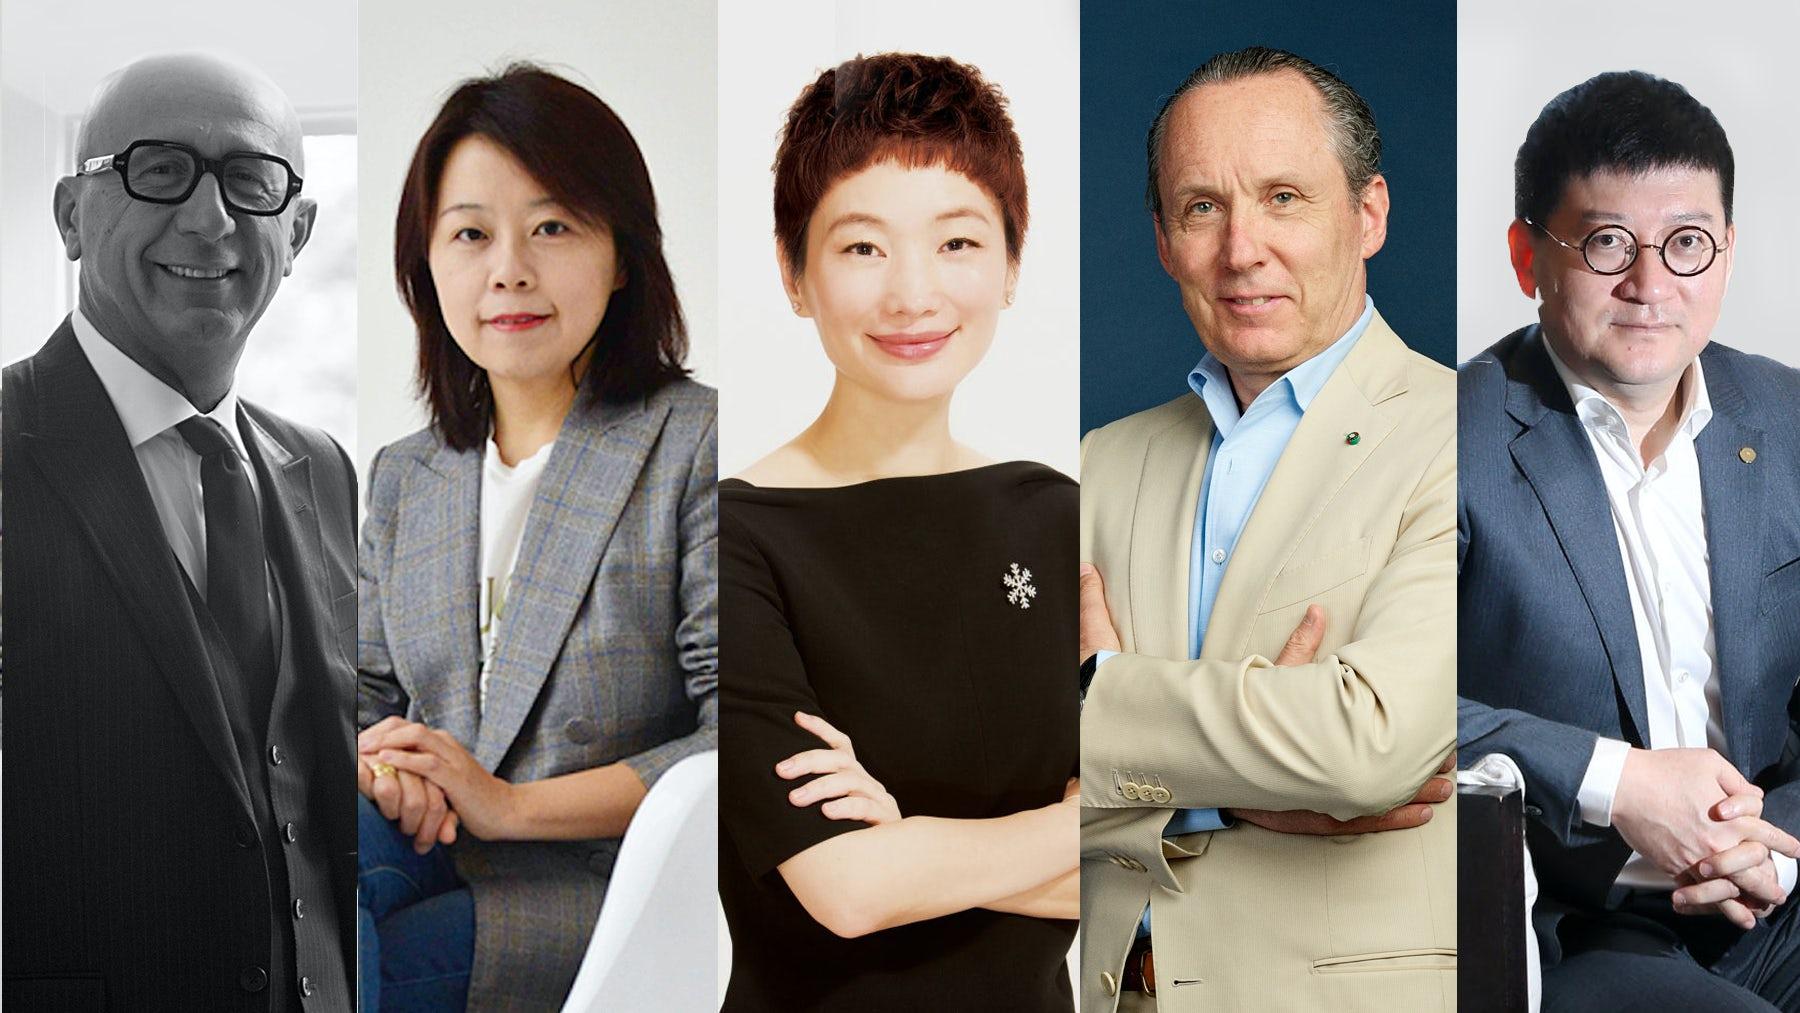 Marco Bizzarri, Jessica Liu, Xiao Xue, Gildo Zegna and Chen Xiaodong | Source: Courtesy